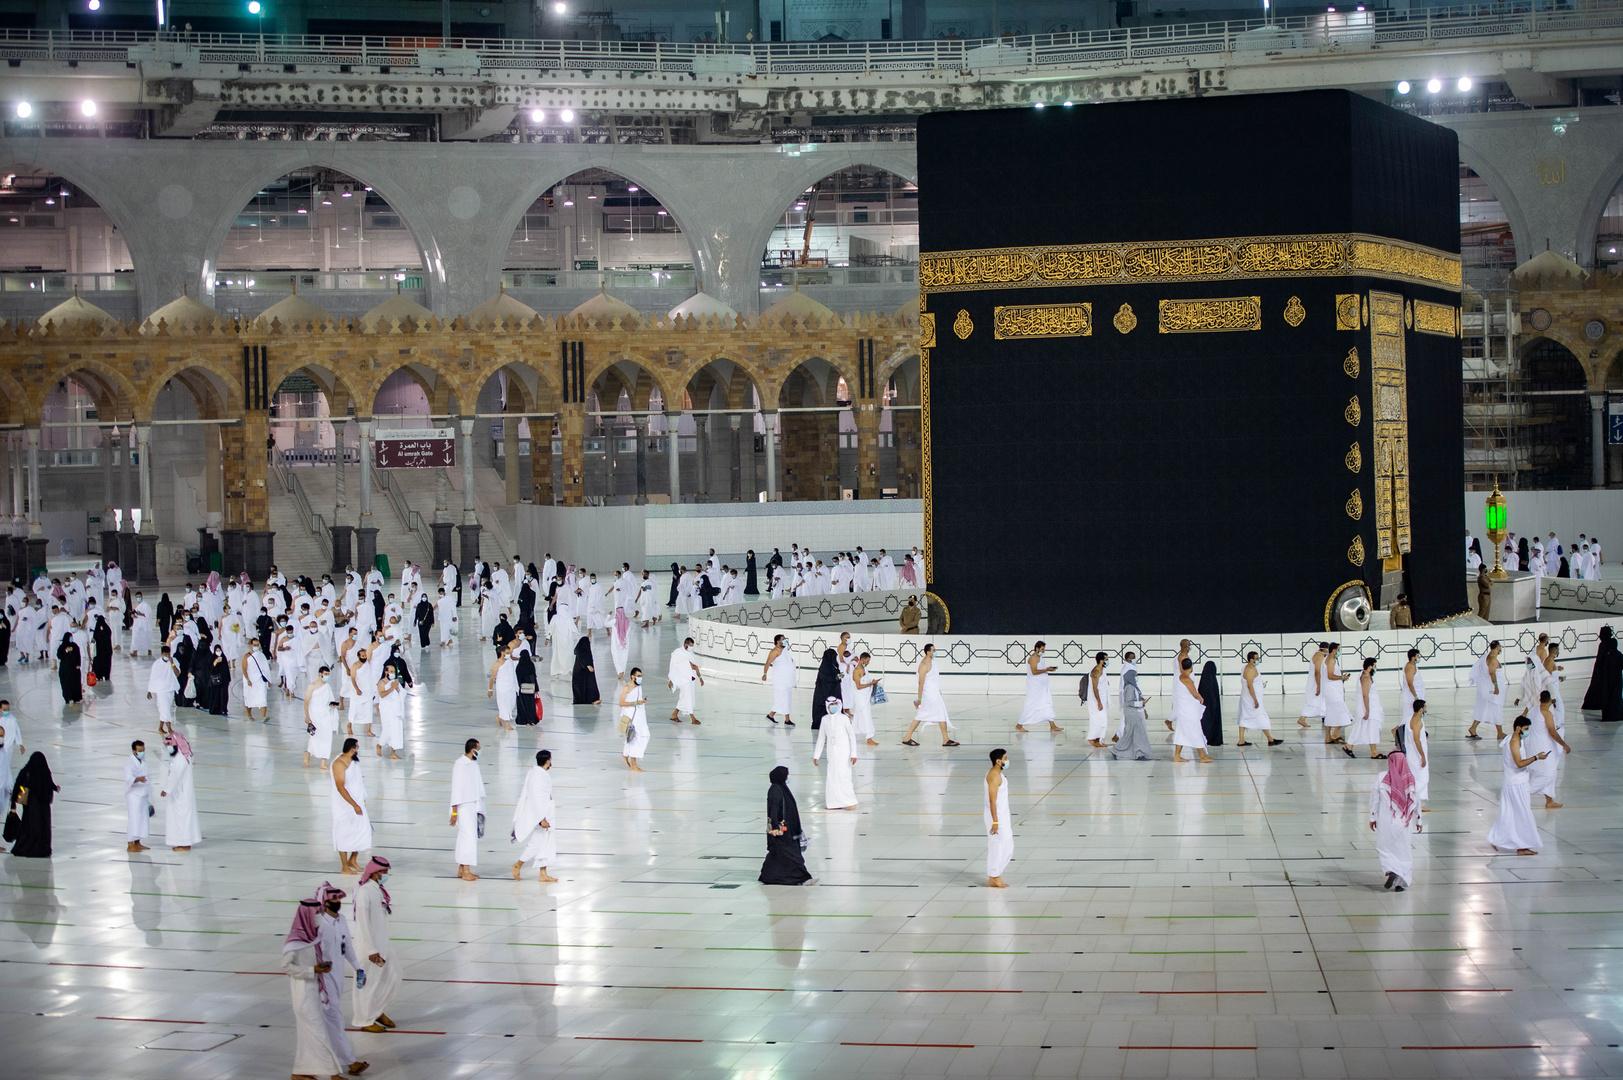 مسلمون يؤدون مناسك العمرة في الحرم الشريف بمكة المكرمة.